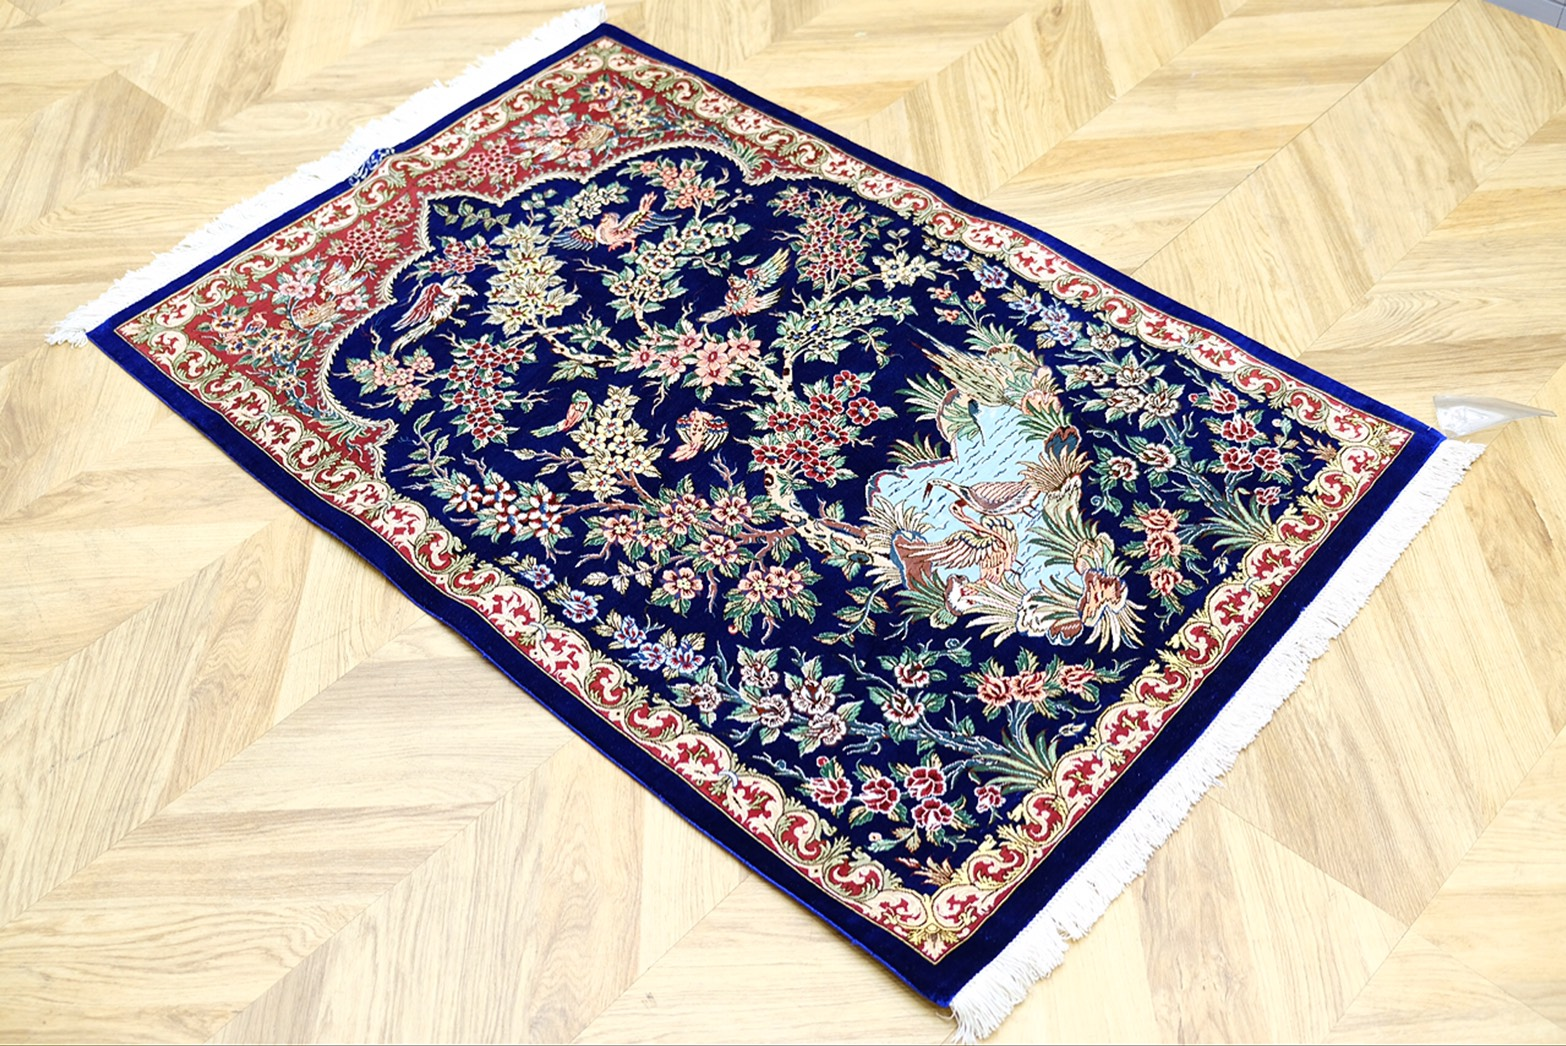 イラン・クム産 ペルシャ絨毯